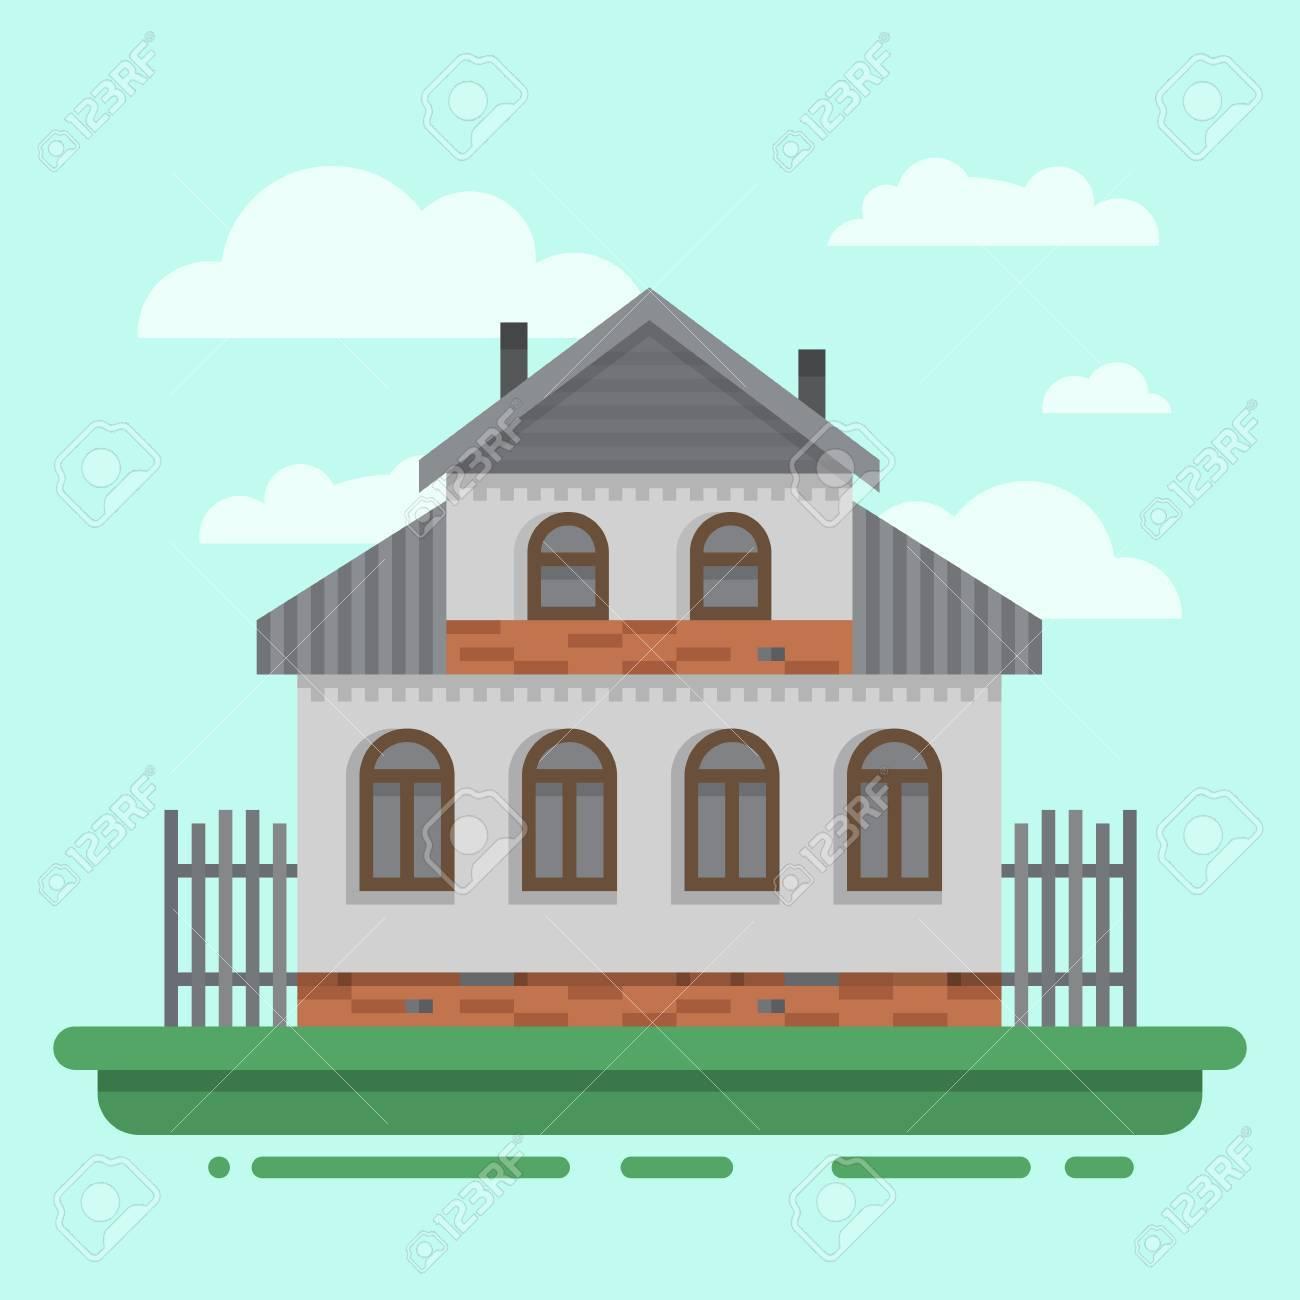 Astounding Russisches Holzhaus Beste Wahl Altes Graues Des Landes Mit Zaun. Buntes